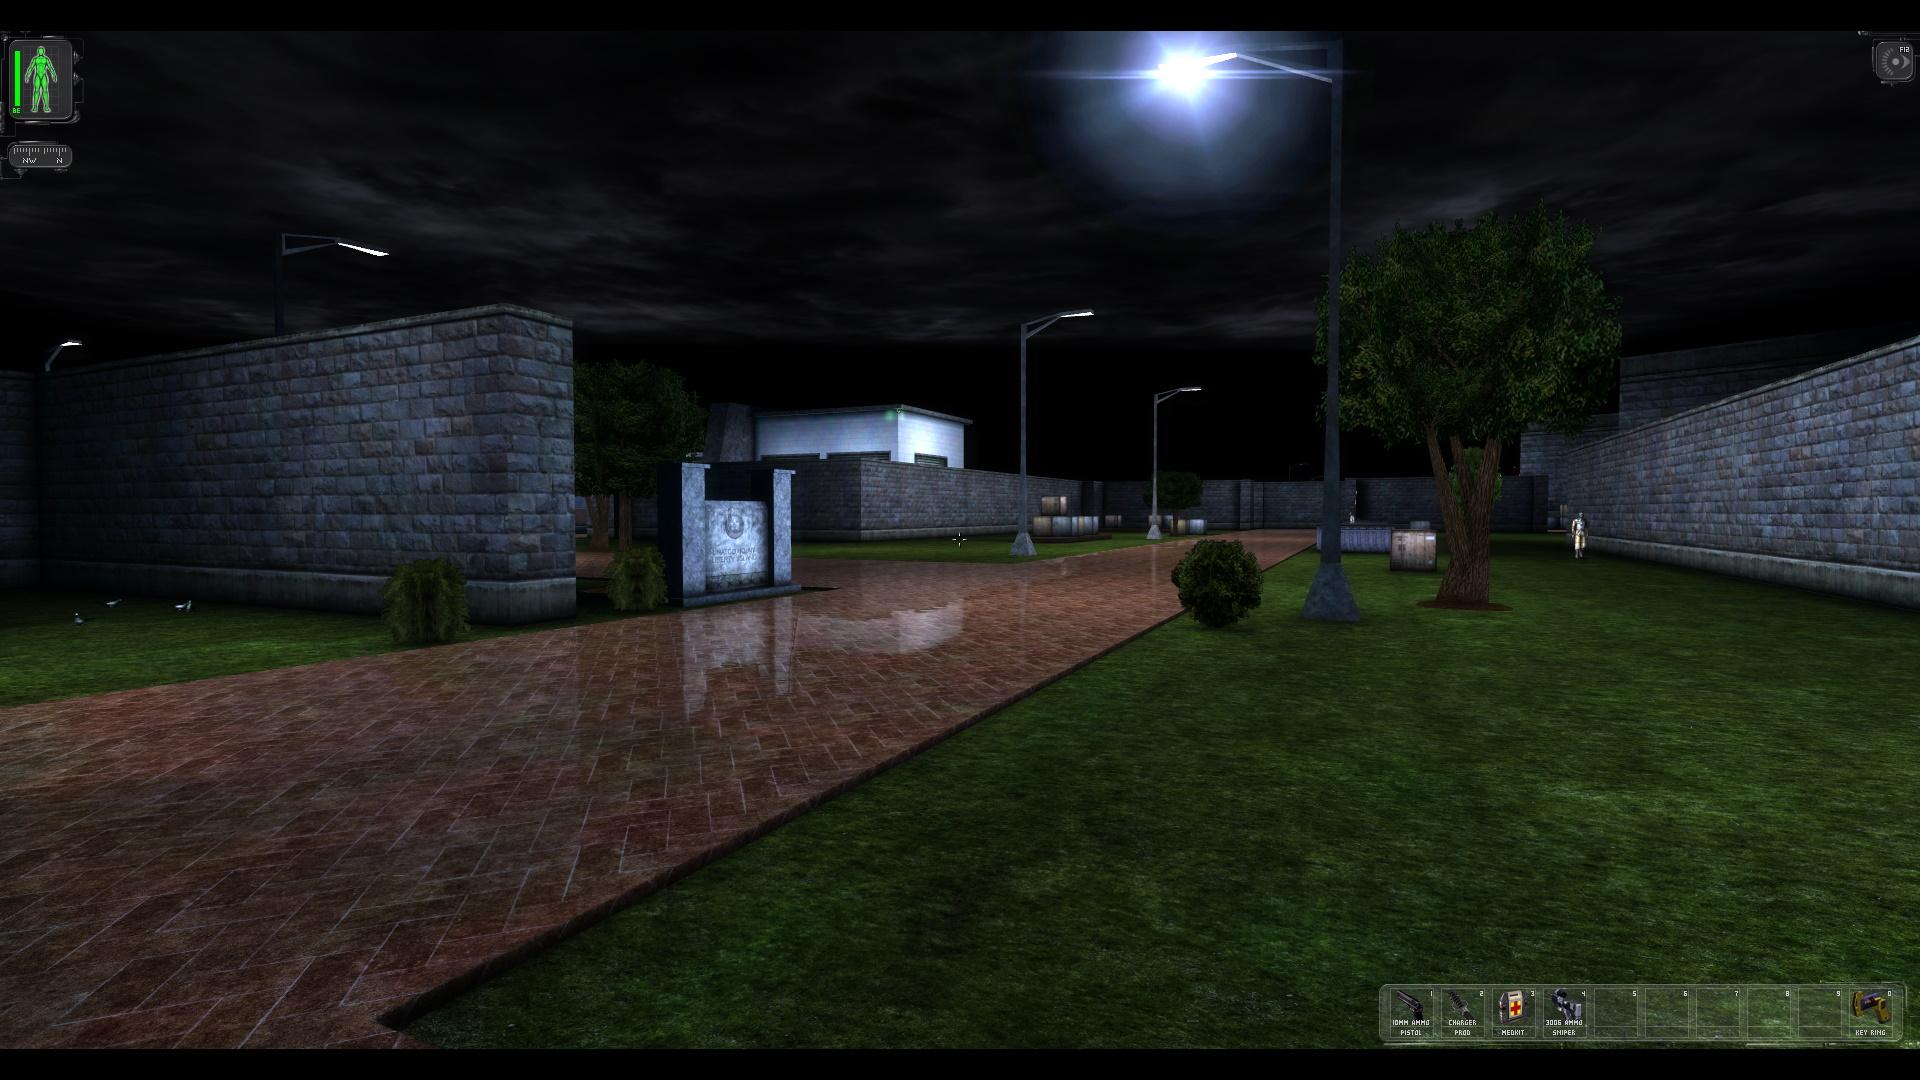 Рендерер DX11 выпущен для Unreal и Deus Ex, поддерживает POM, аппаратную тесселяцию и многое другое